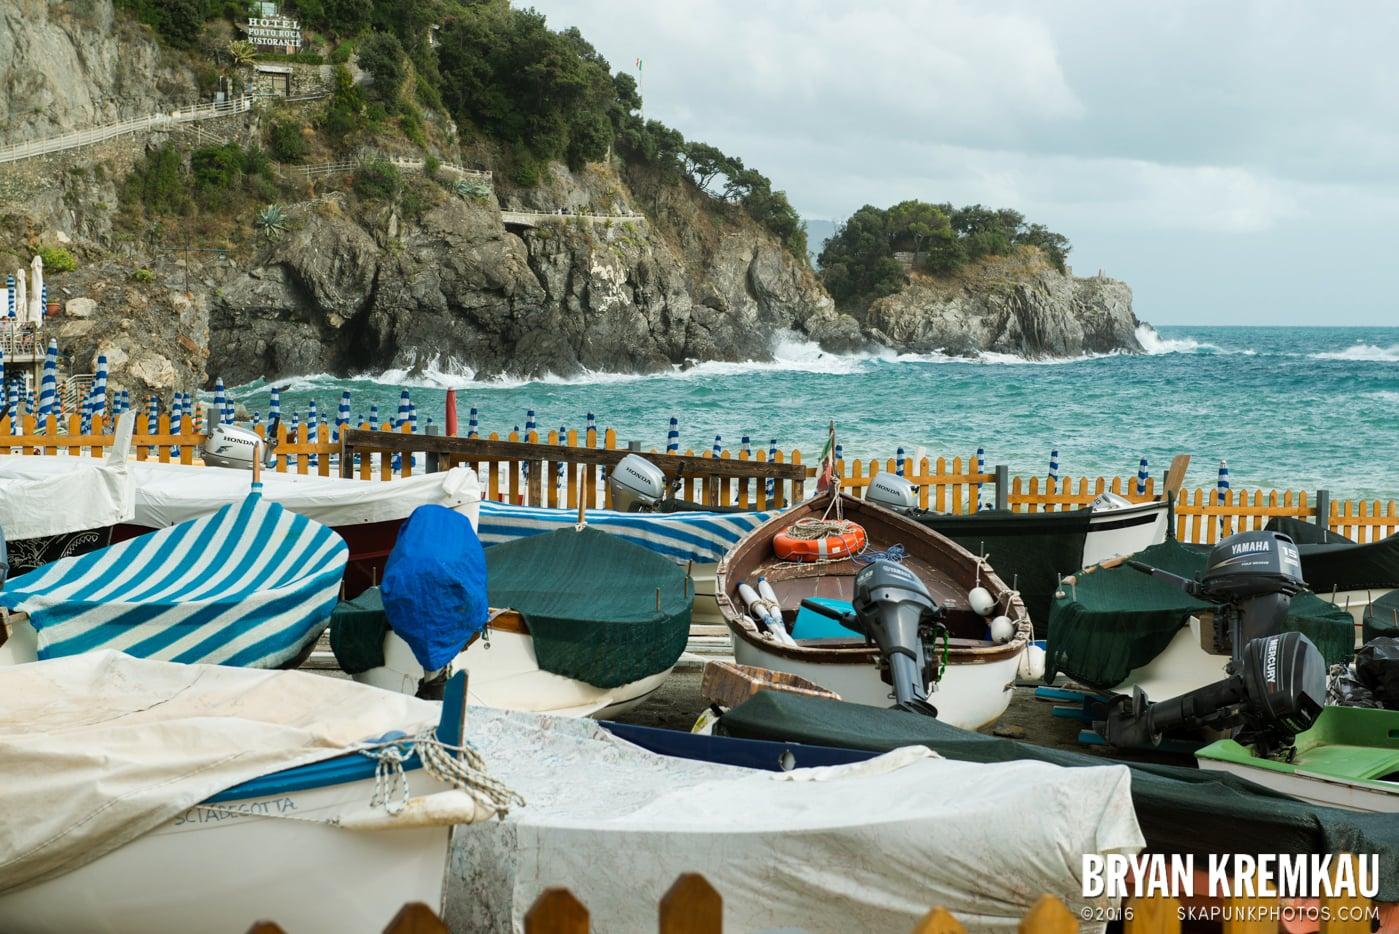 Italy Vacation - Day 10: Cinque Terre - 9.18.13 (9)